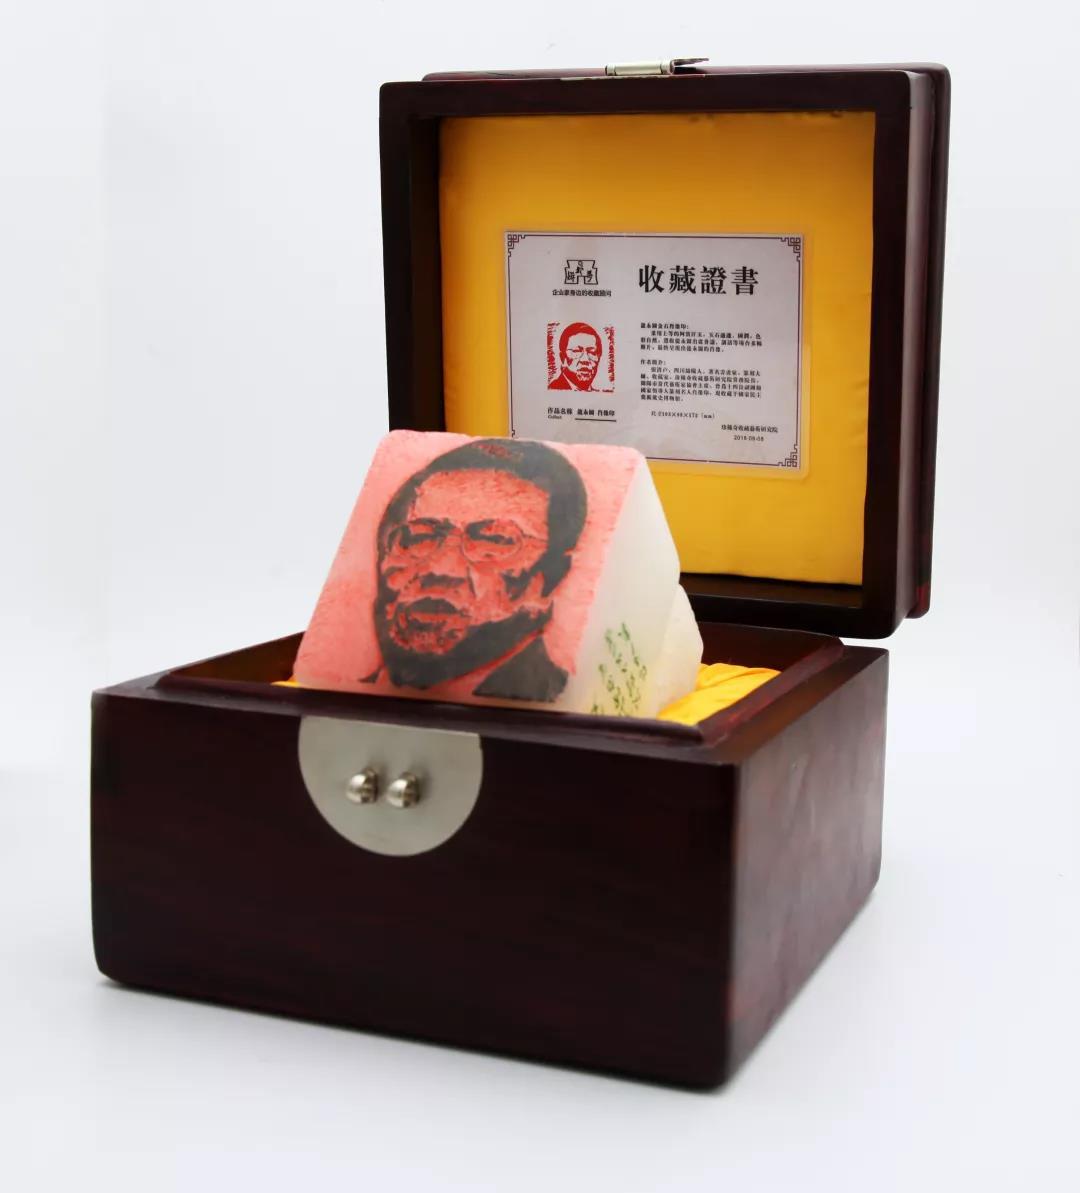 龙永图部长金石肖像印